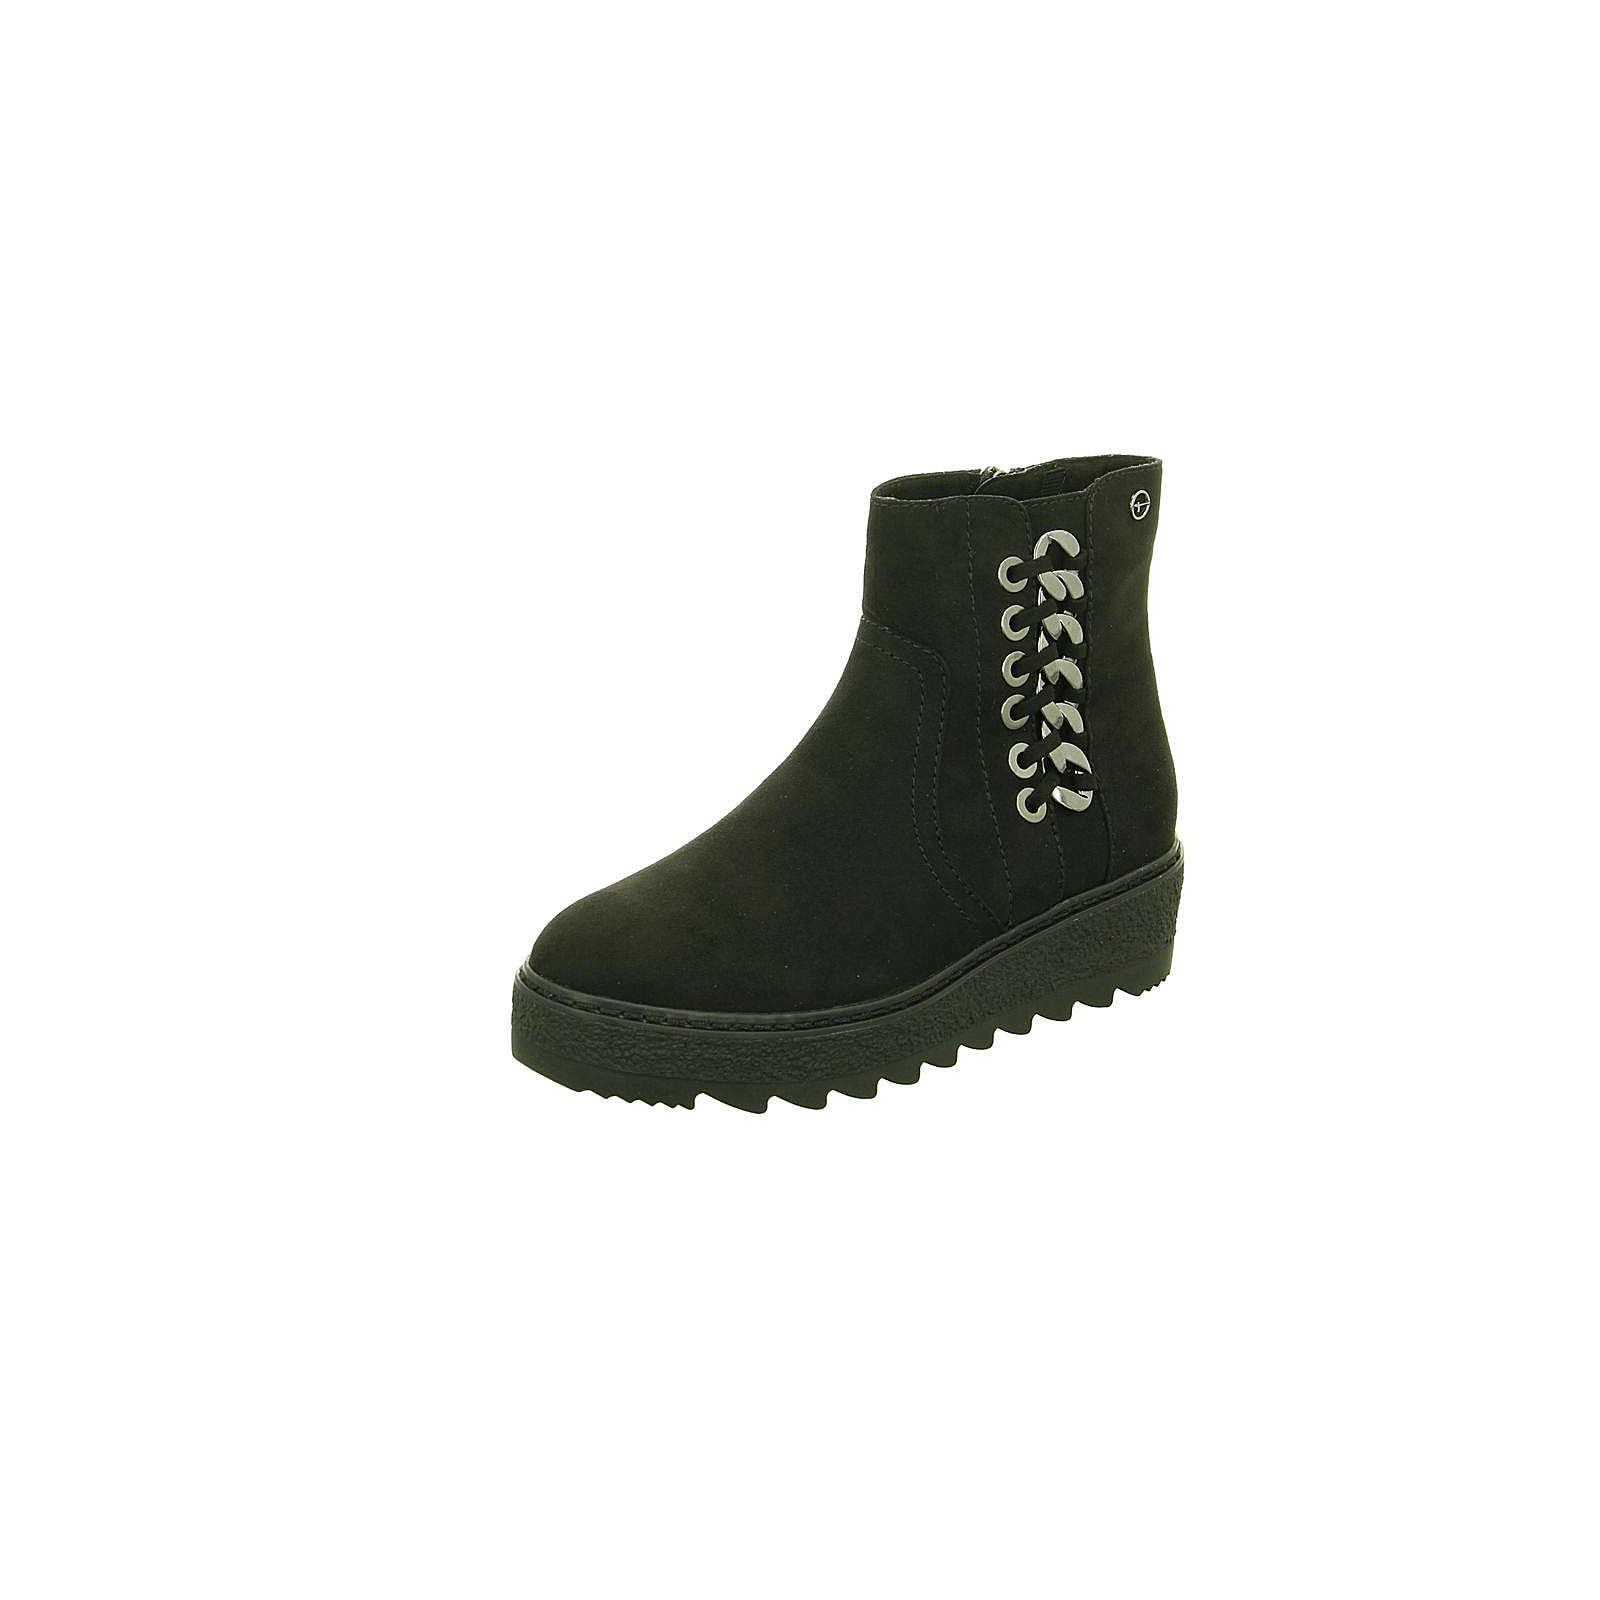 Tamaris Stiefel schwarz Klassische Stiefeletten schwarz Damen Gr. 41